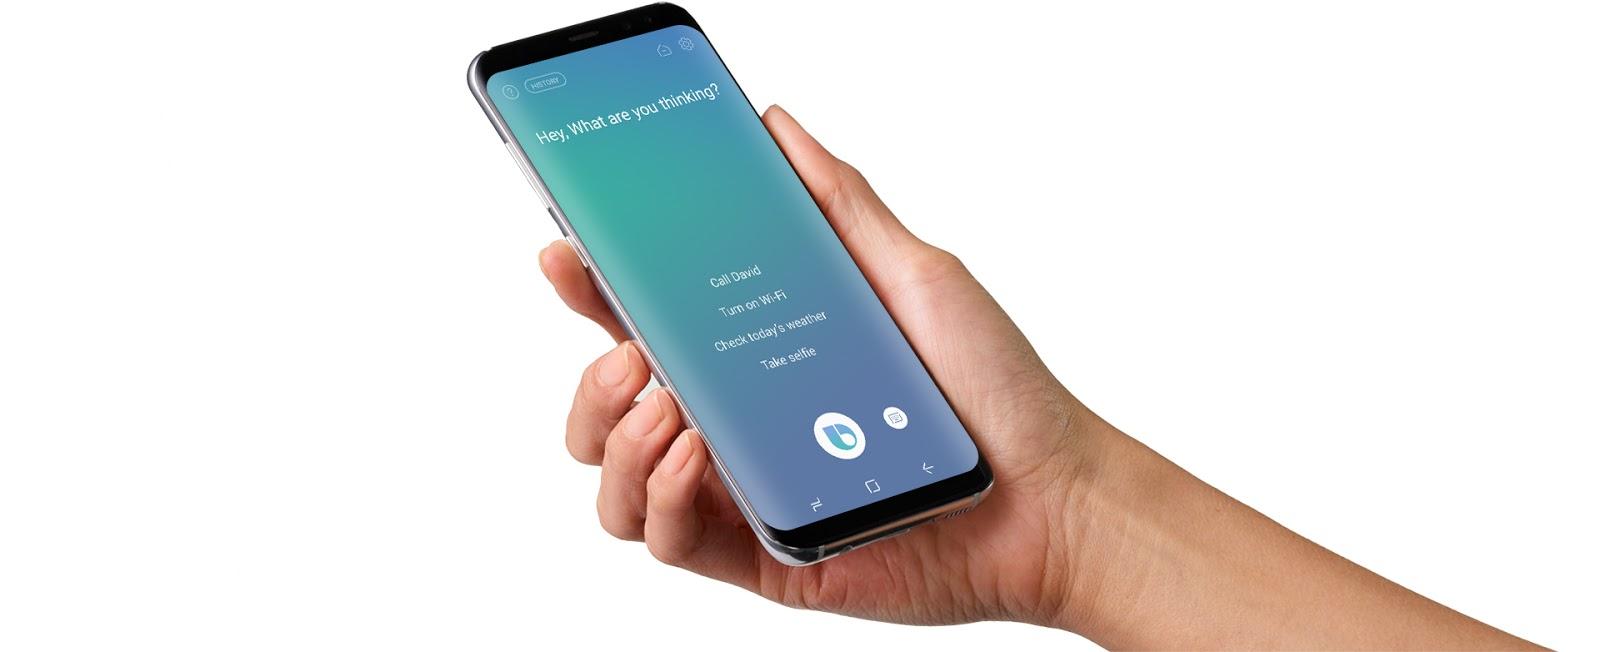 خدمة Bixby من سامسونج تسمح للمستخدمين تحويل الأموال